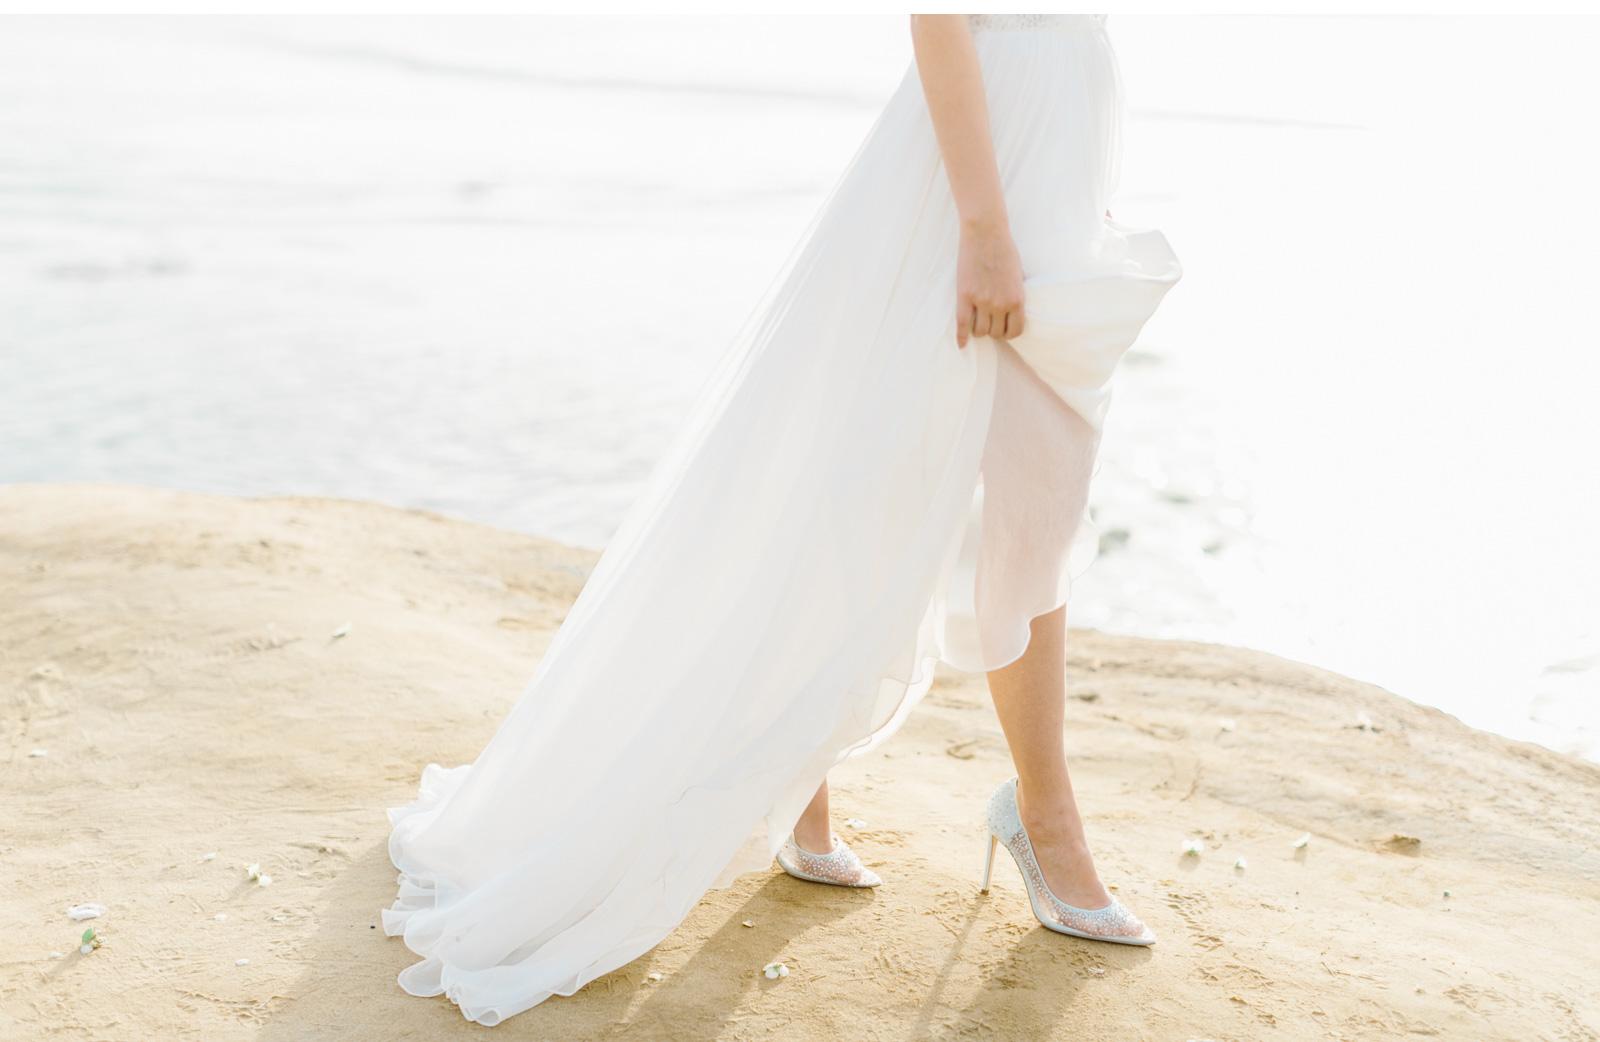 San-Clemente-Wedding-Photographer-Hawaii-Natalie-Schutt-Photography_04.jpg